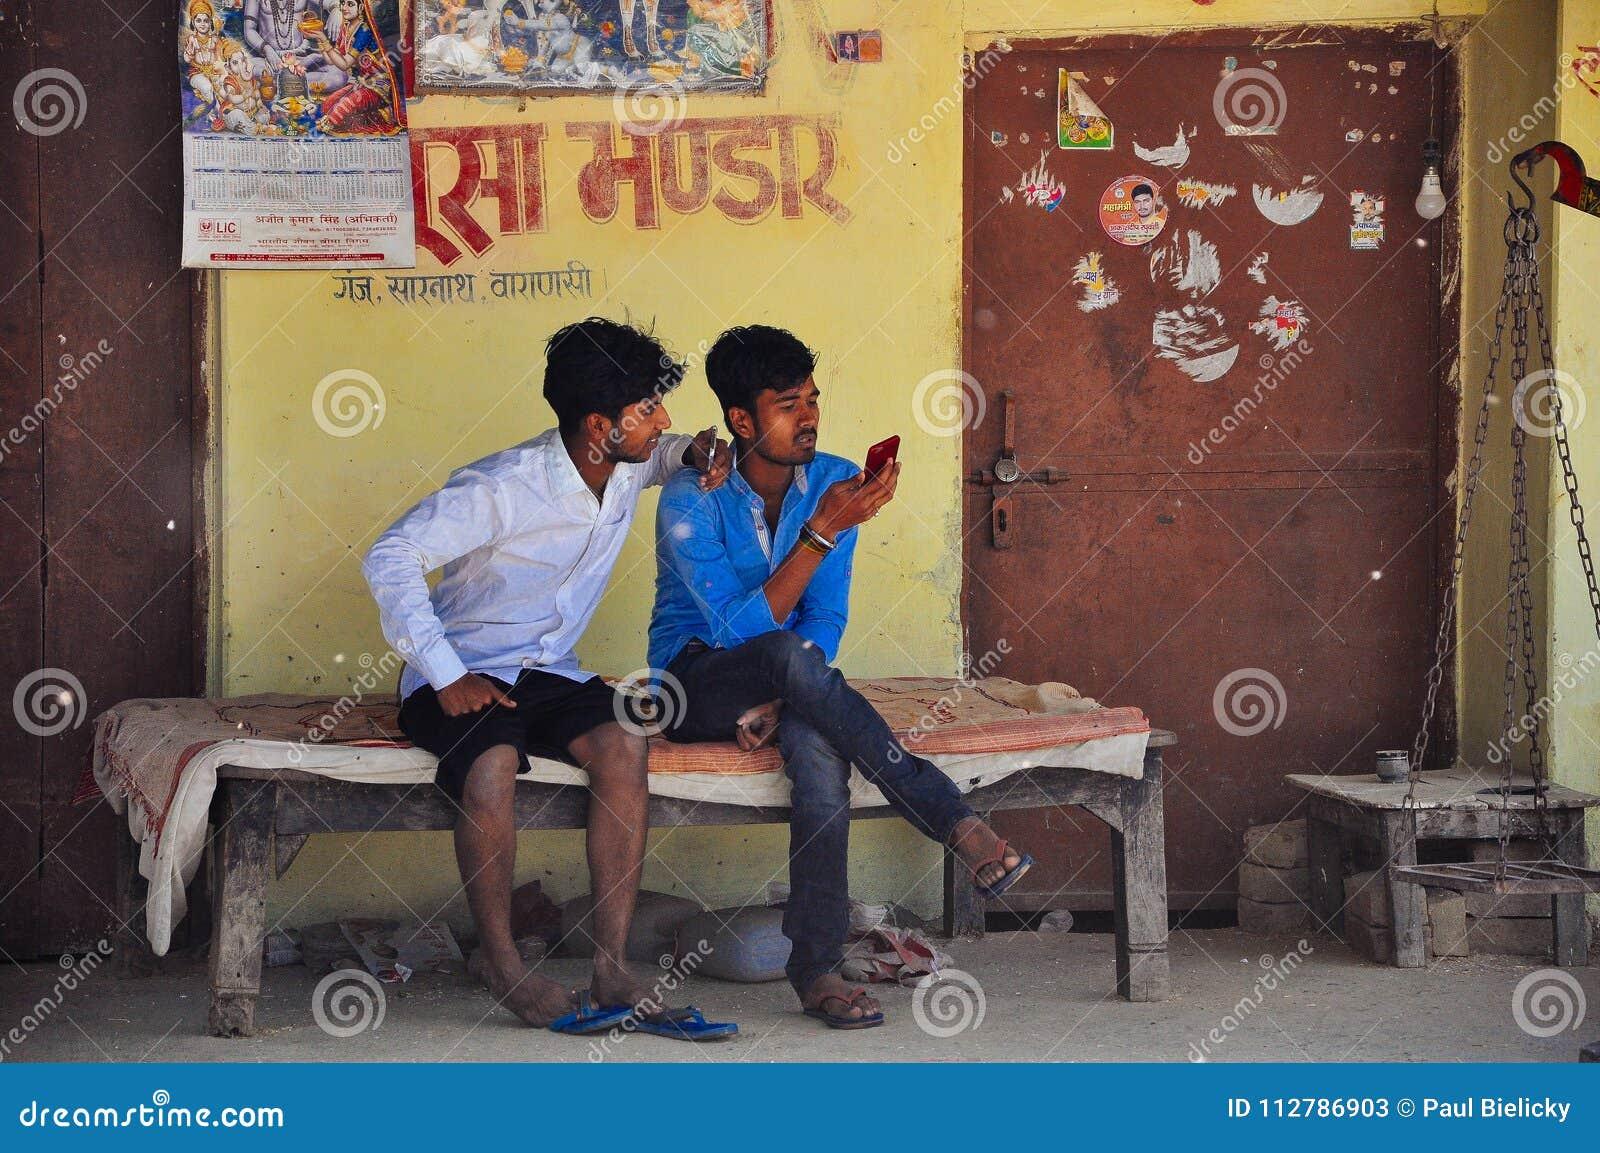 Locals check their phones in Varanasi, India.